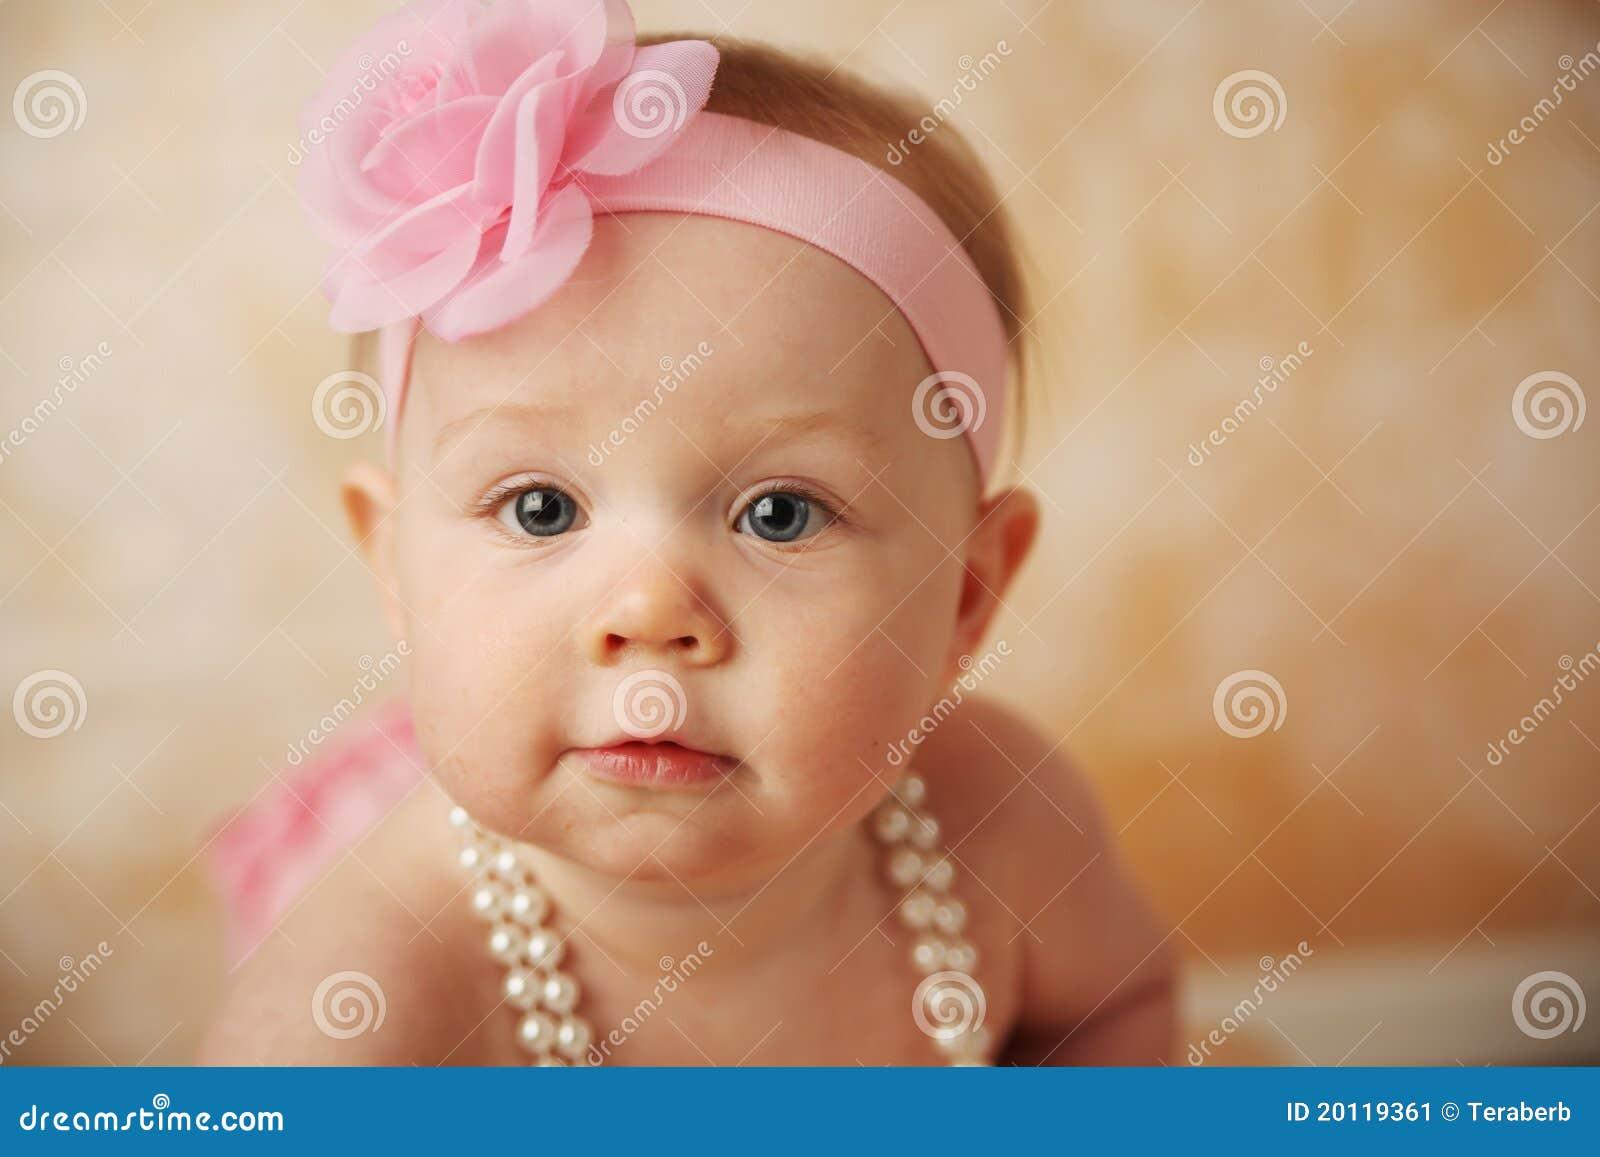 beautiful baby girl stock image - image: 20119361